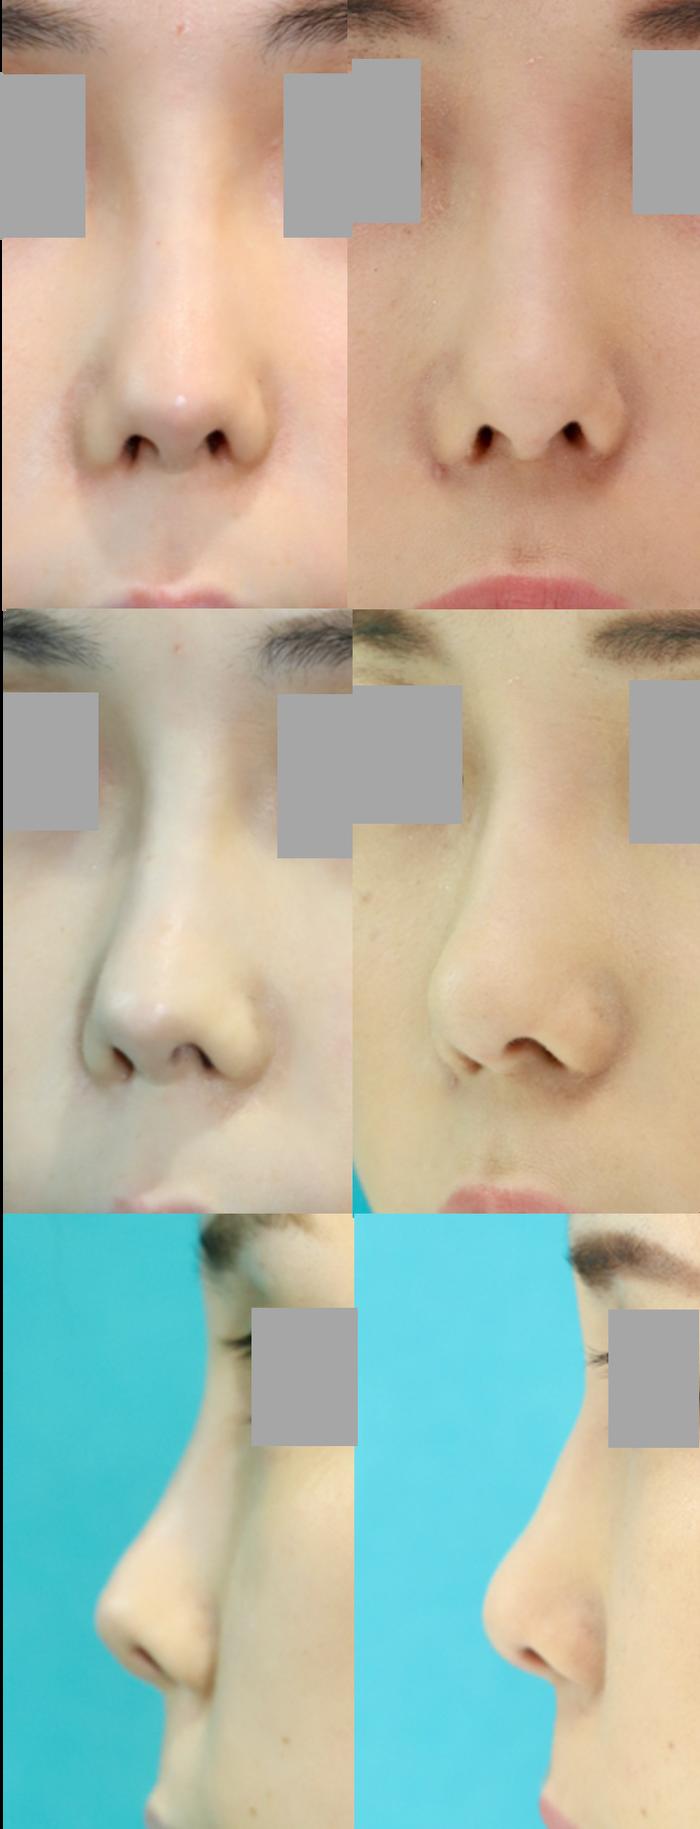 鼻尖移植軟骨除去 軟部組織移植 術後7ヶ月 拡大